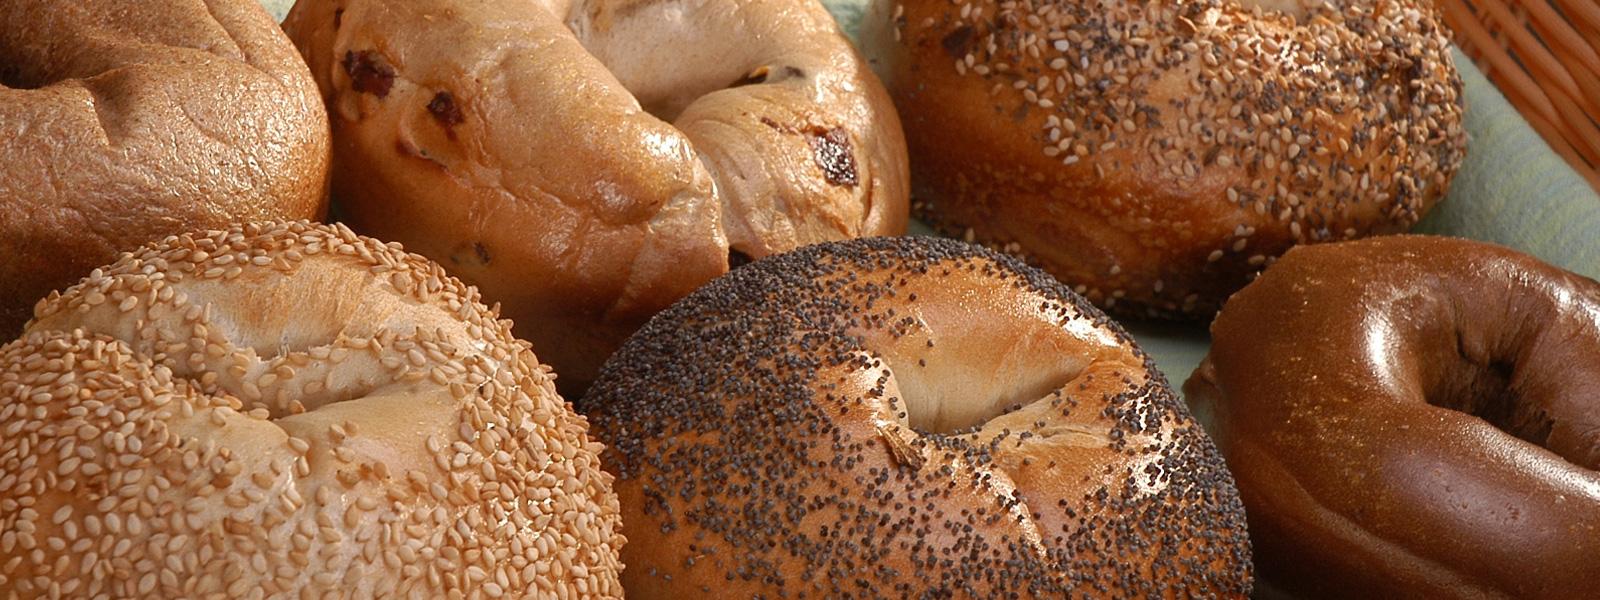 baked-bagels